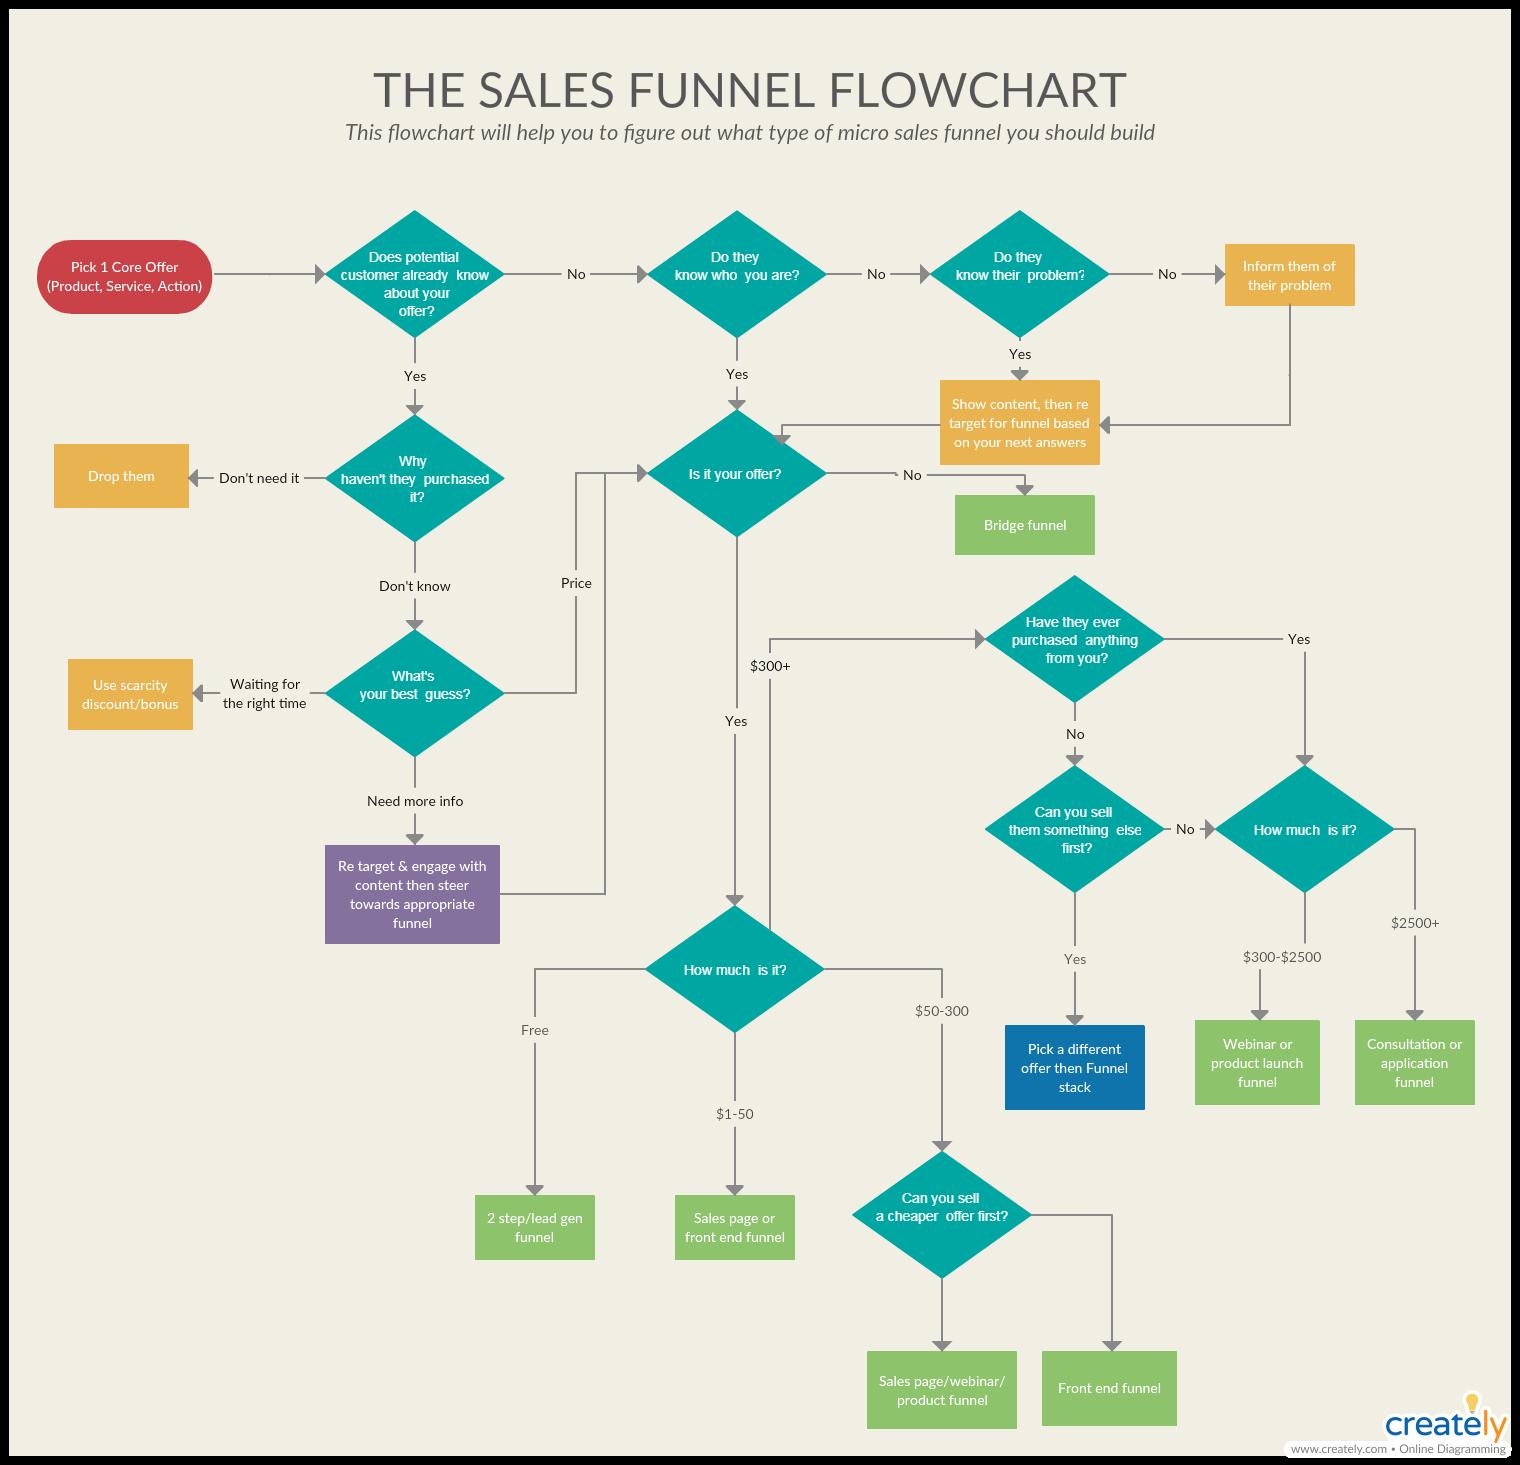 Sales Funnel Flowchart Template - Conversion Optimization Techniques